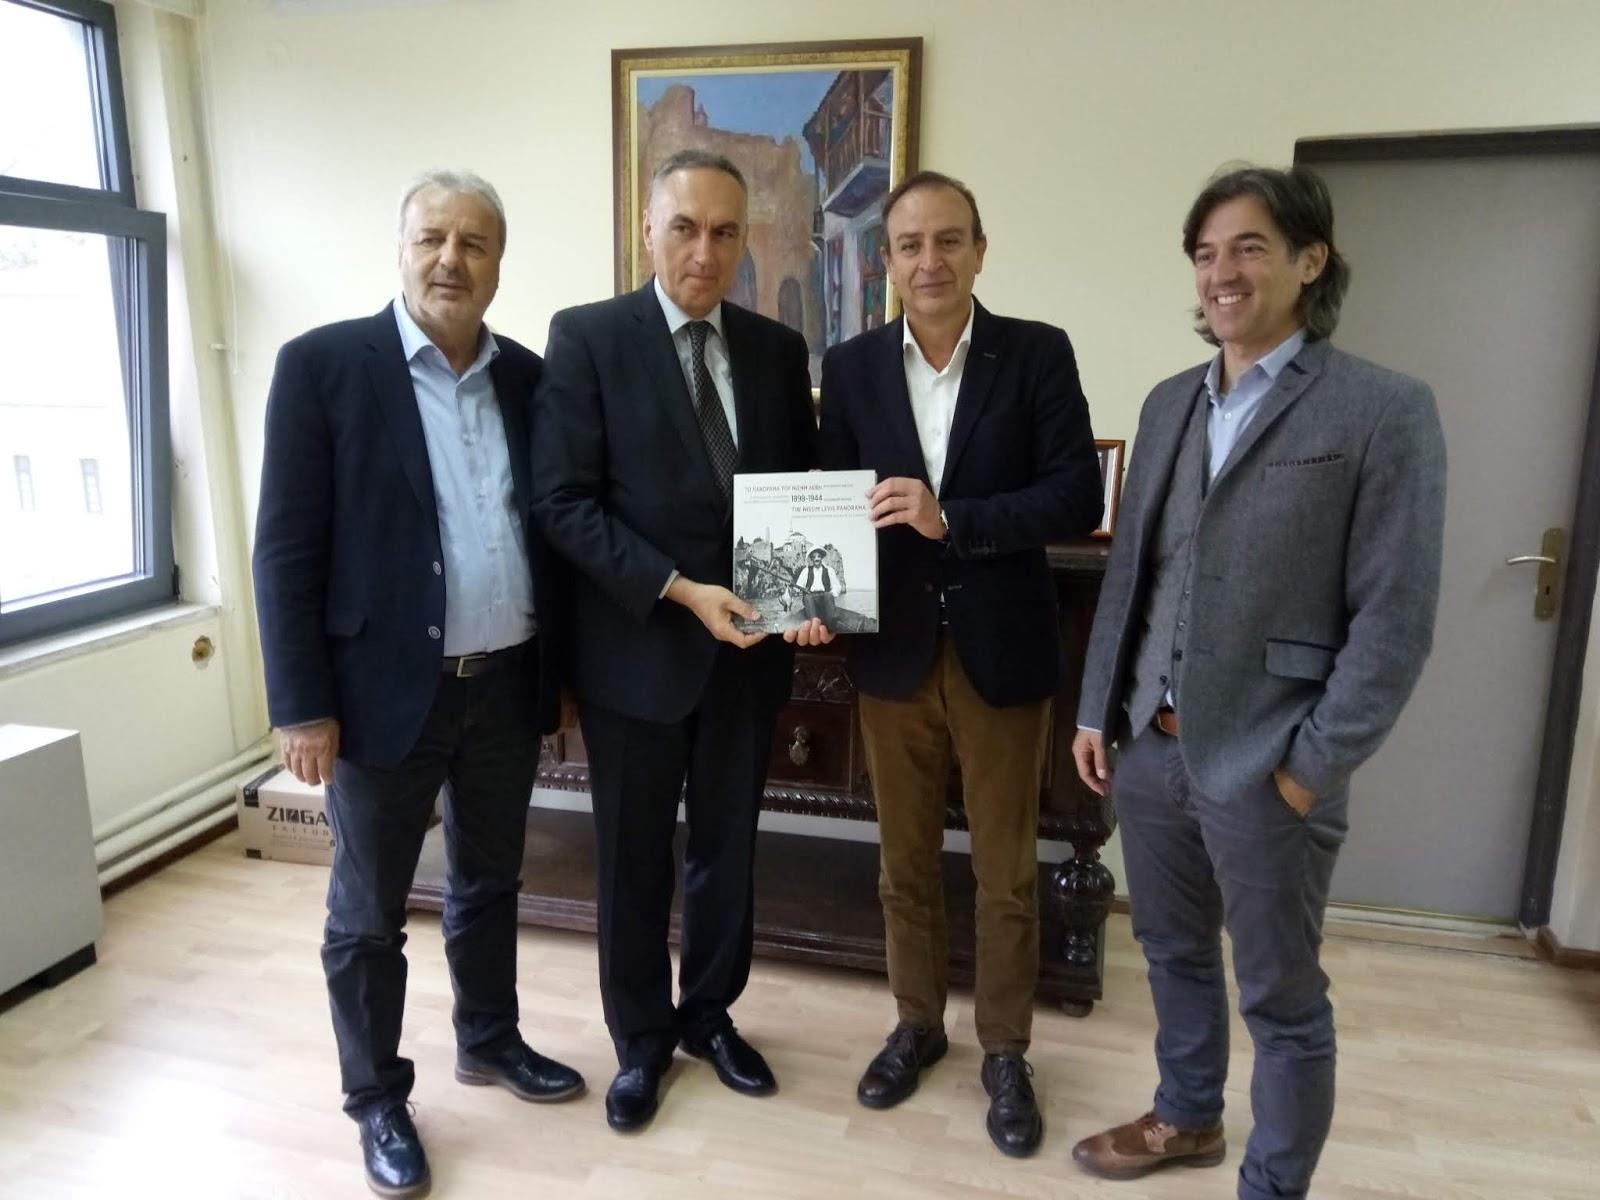 Δήμος Ιωαννιτών:Υποδοχή  αναπληρωτή Πρέσβη της Δημοκρατίας της Κροατίας